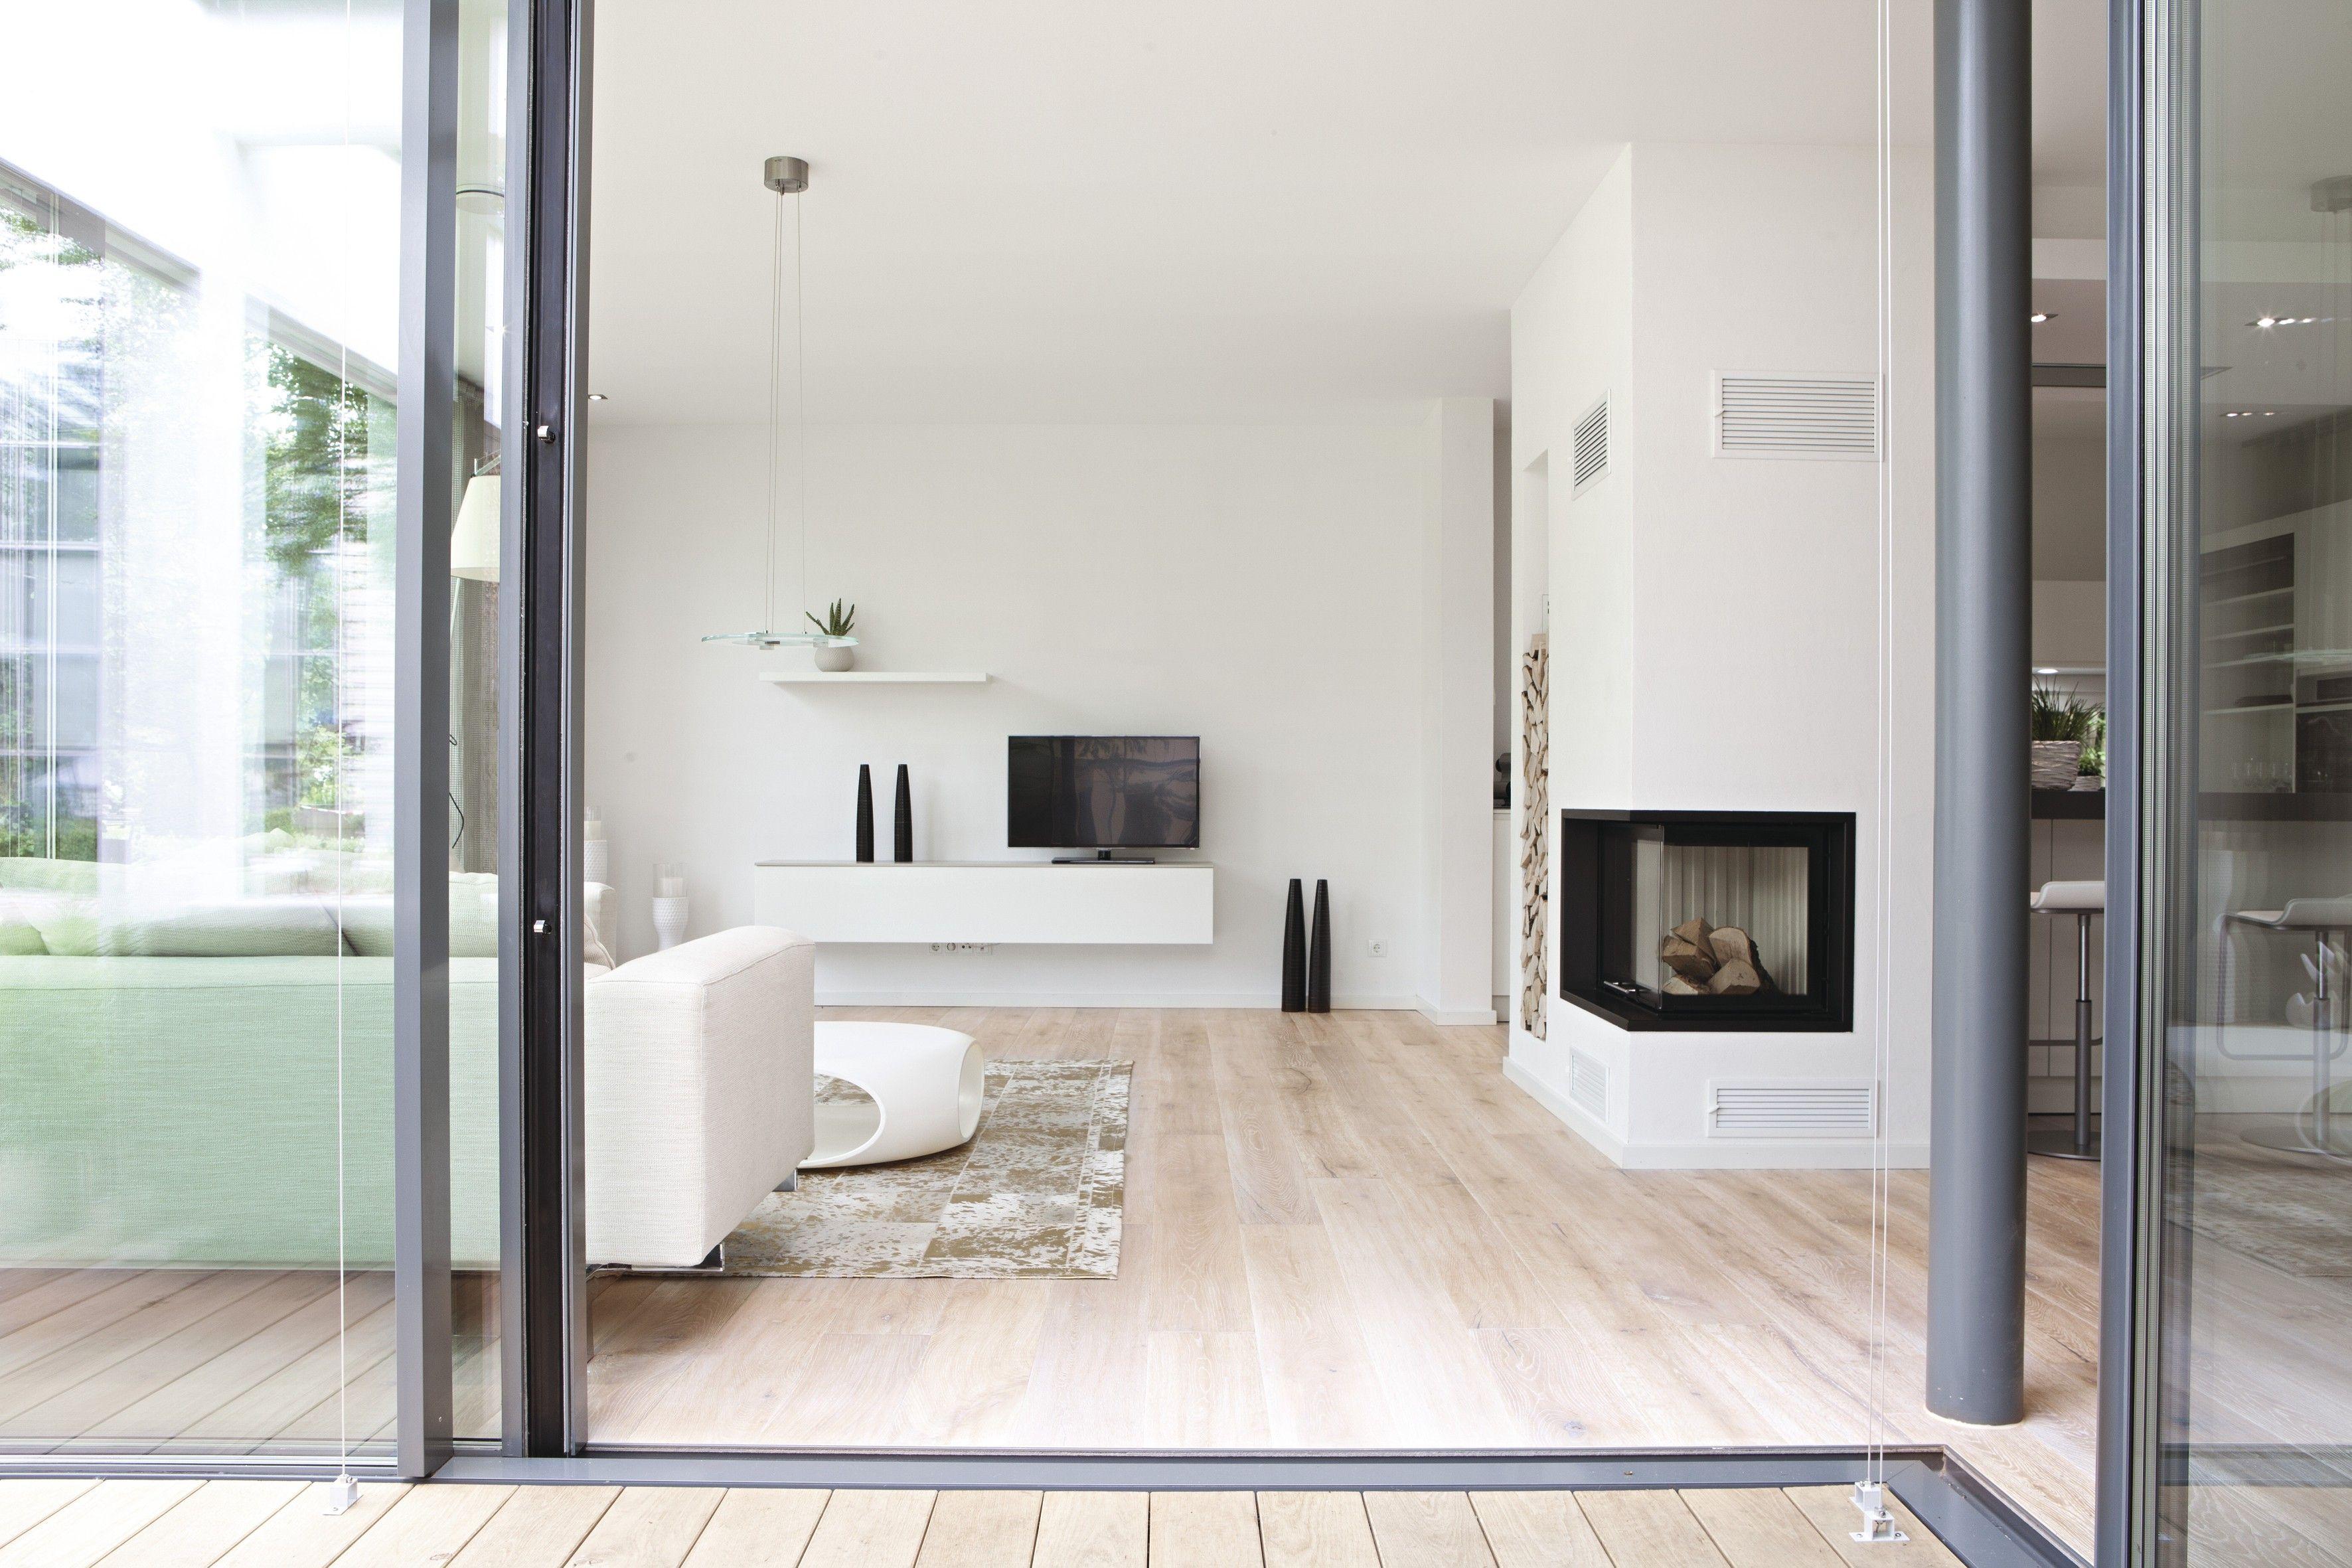 wohnzimmer mit kamin haus pinterest wohnzimmer. Black Bedroom Furniture Sets. Home Design Ideas